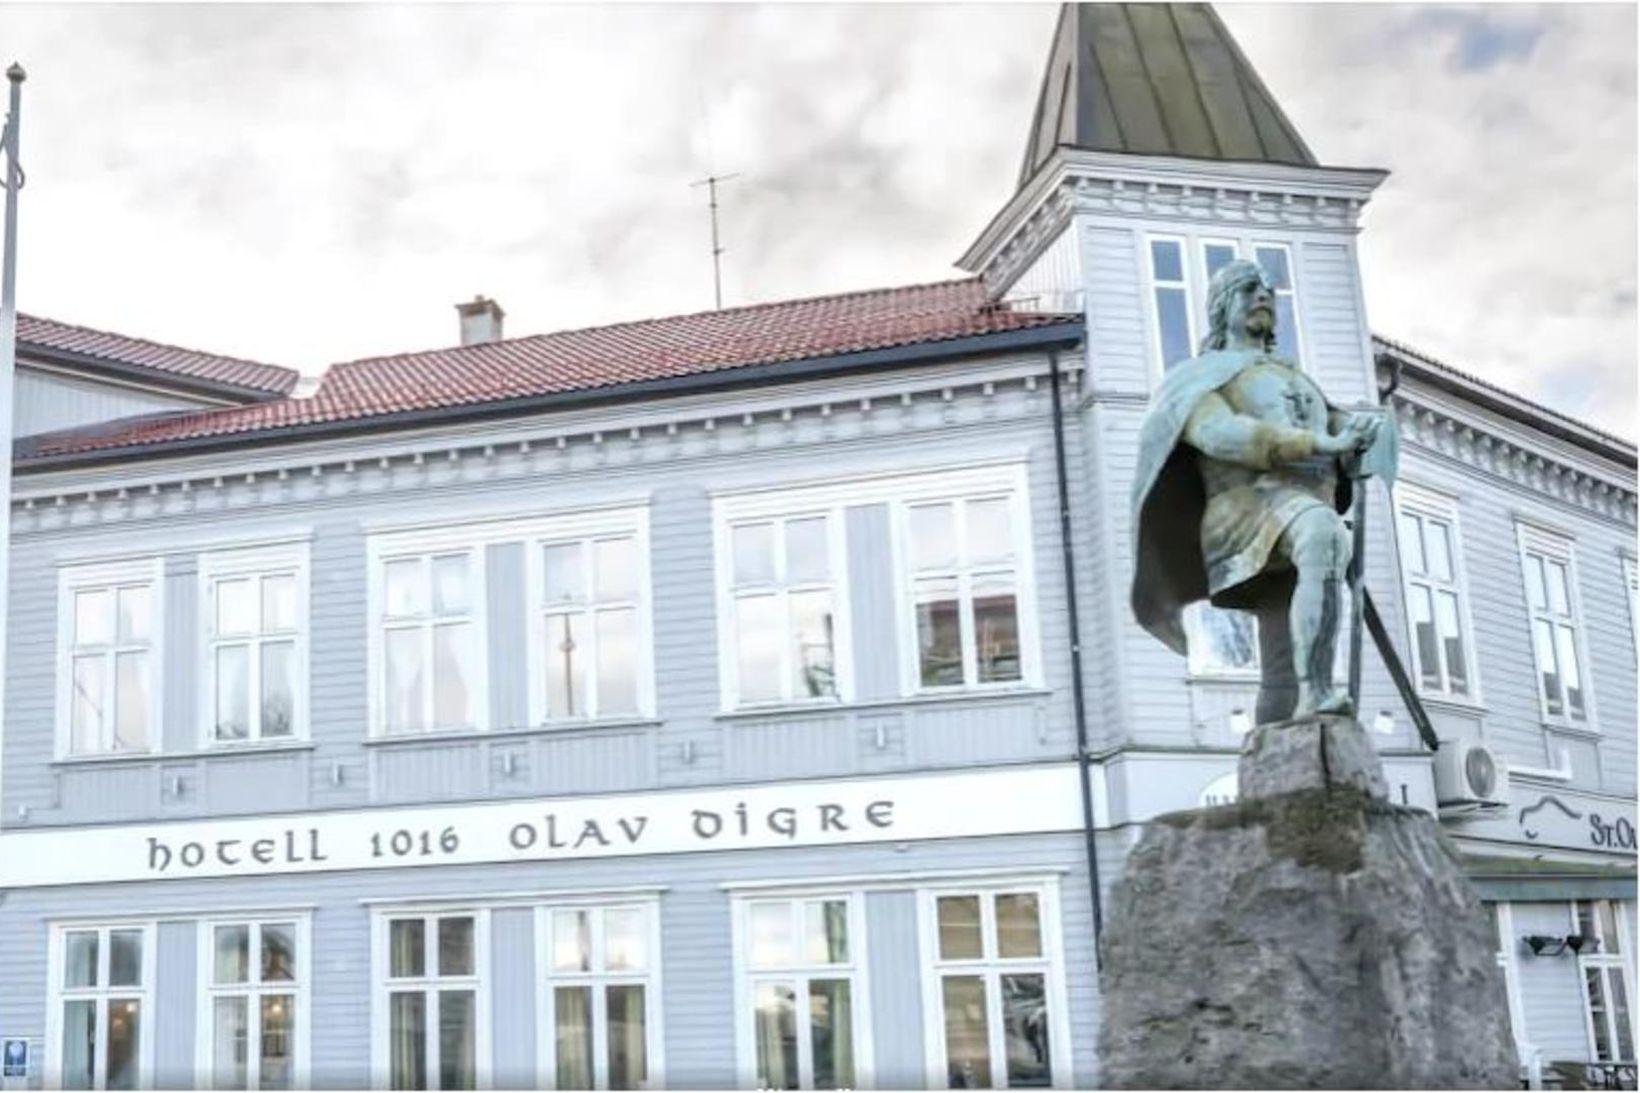 Stúlkan fannst látin á Hotel Olav Digre í Sarpsborg á …